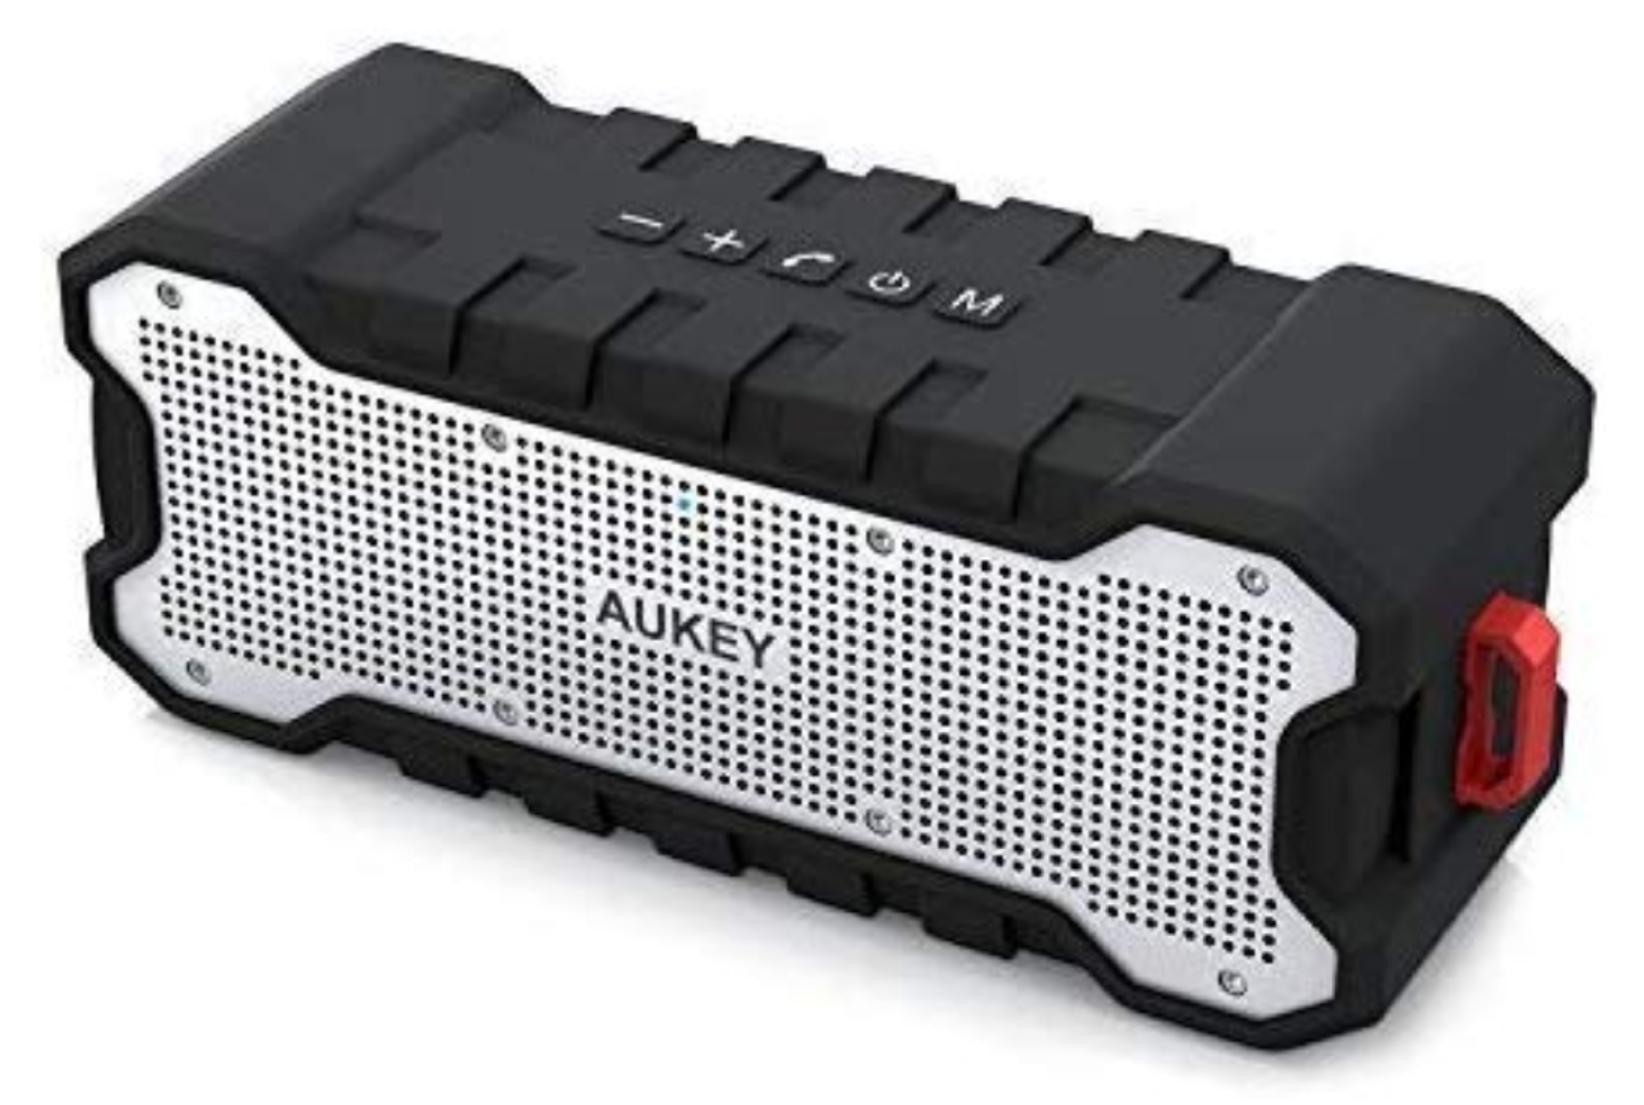 Enceinte Bluetooth Aukey  SK-M12 - Waterproof IPX7 (vendeur tiers)